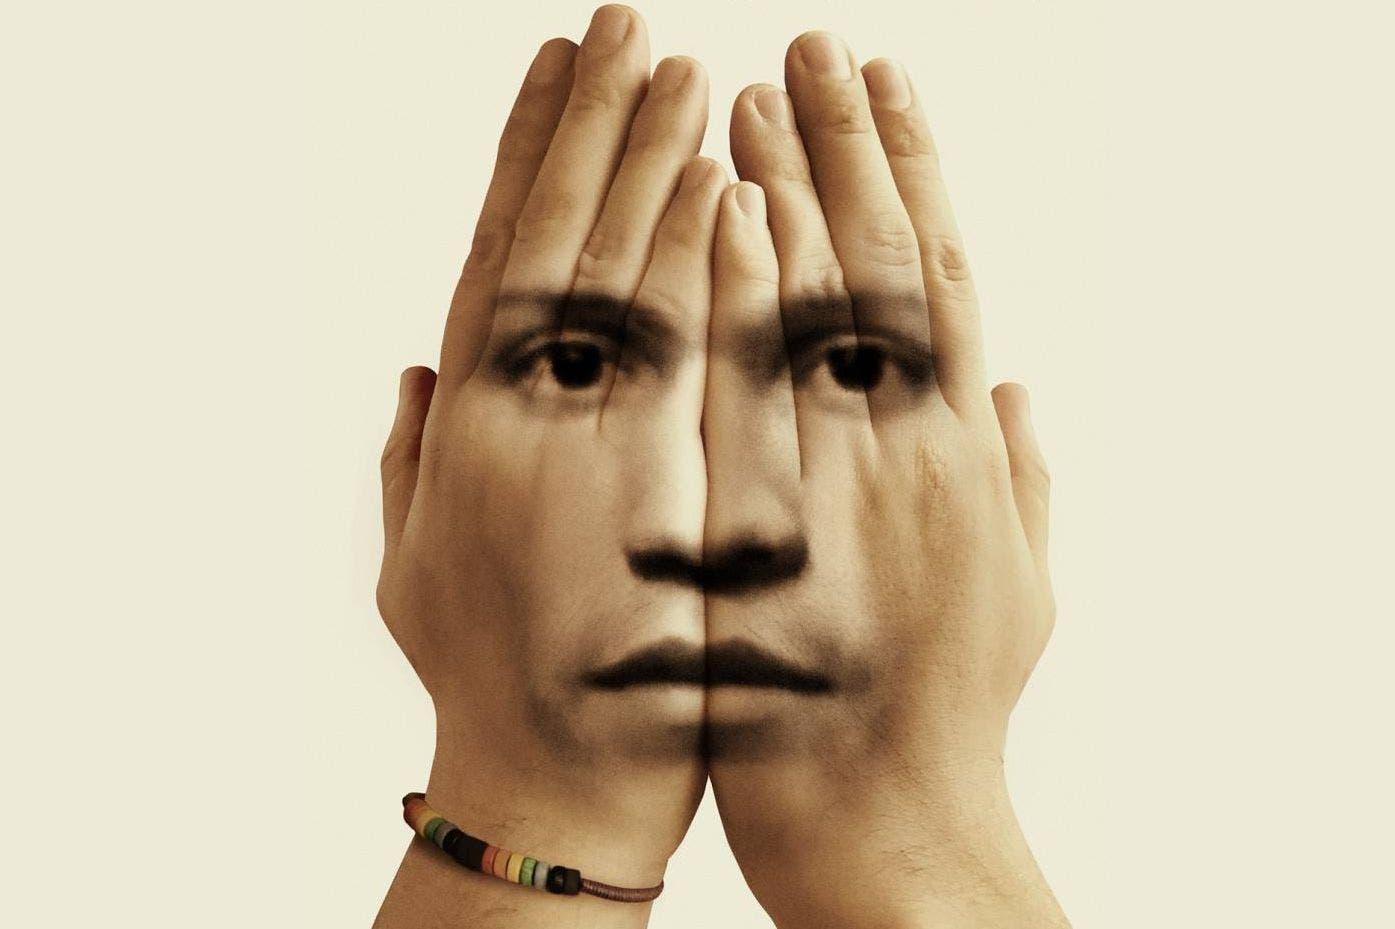 """La otra cara del """"deepfake"""": cuando intercambiar rostros protege a los más vulnerables"""